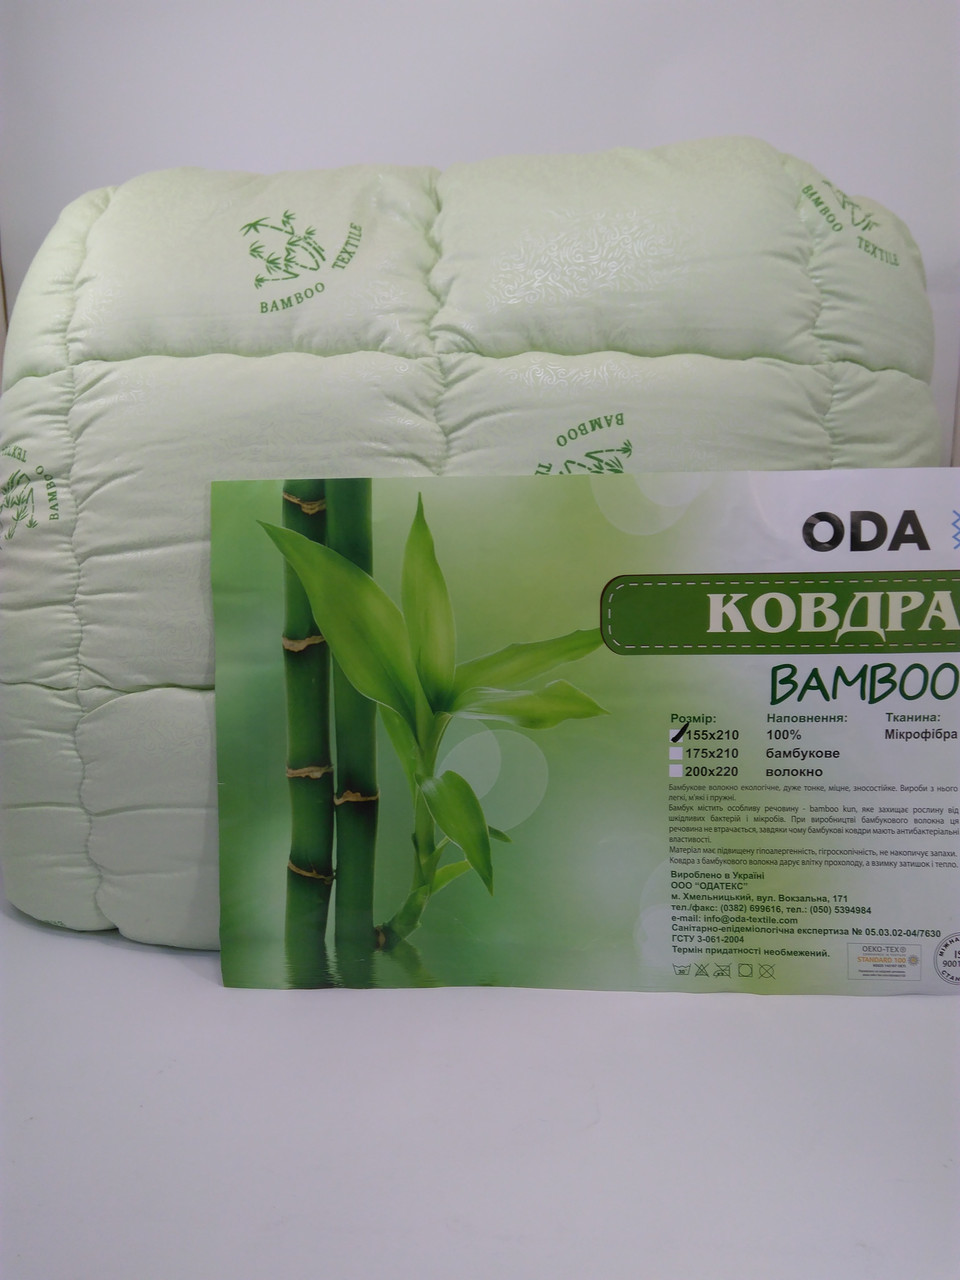 Одеяло Bamboo 200*220 ОДА (микрофибра)